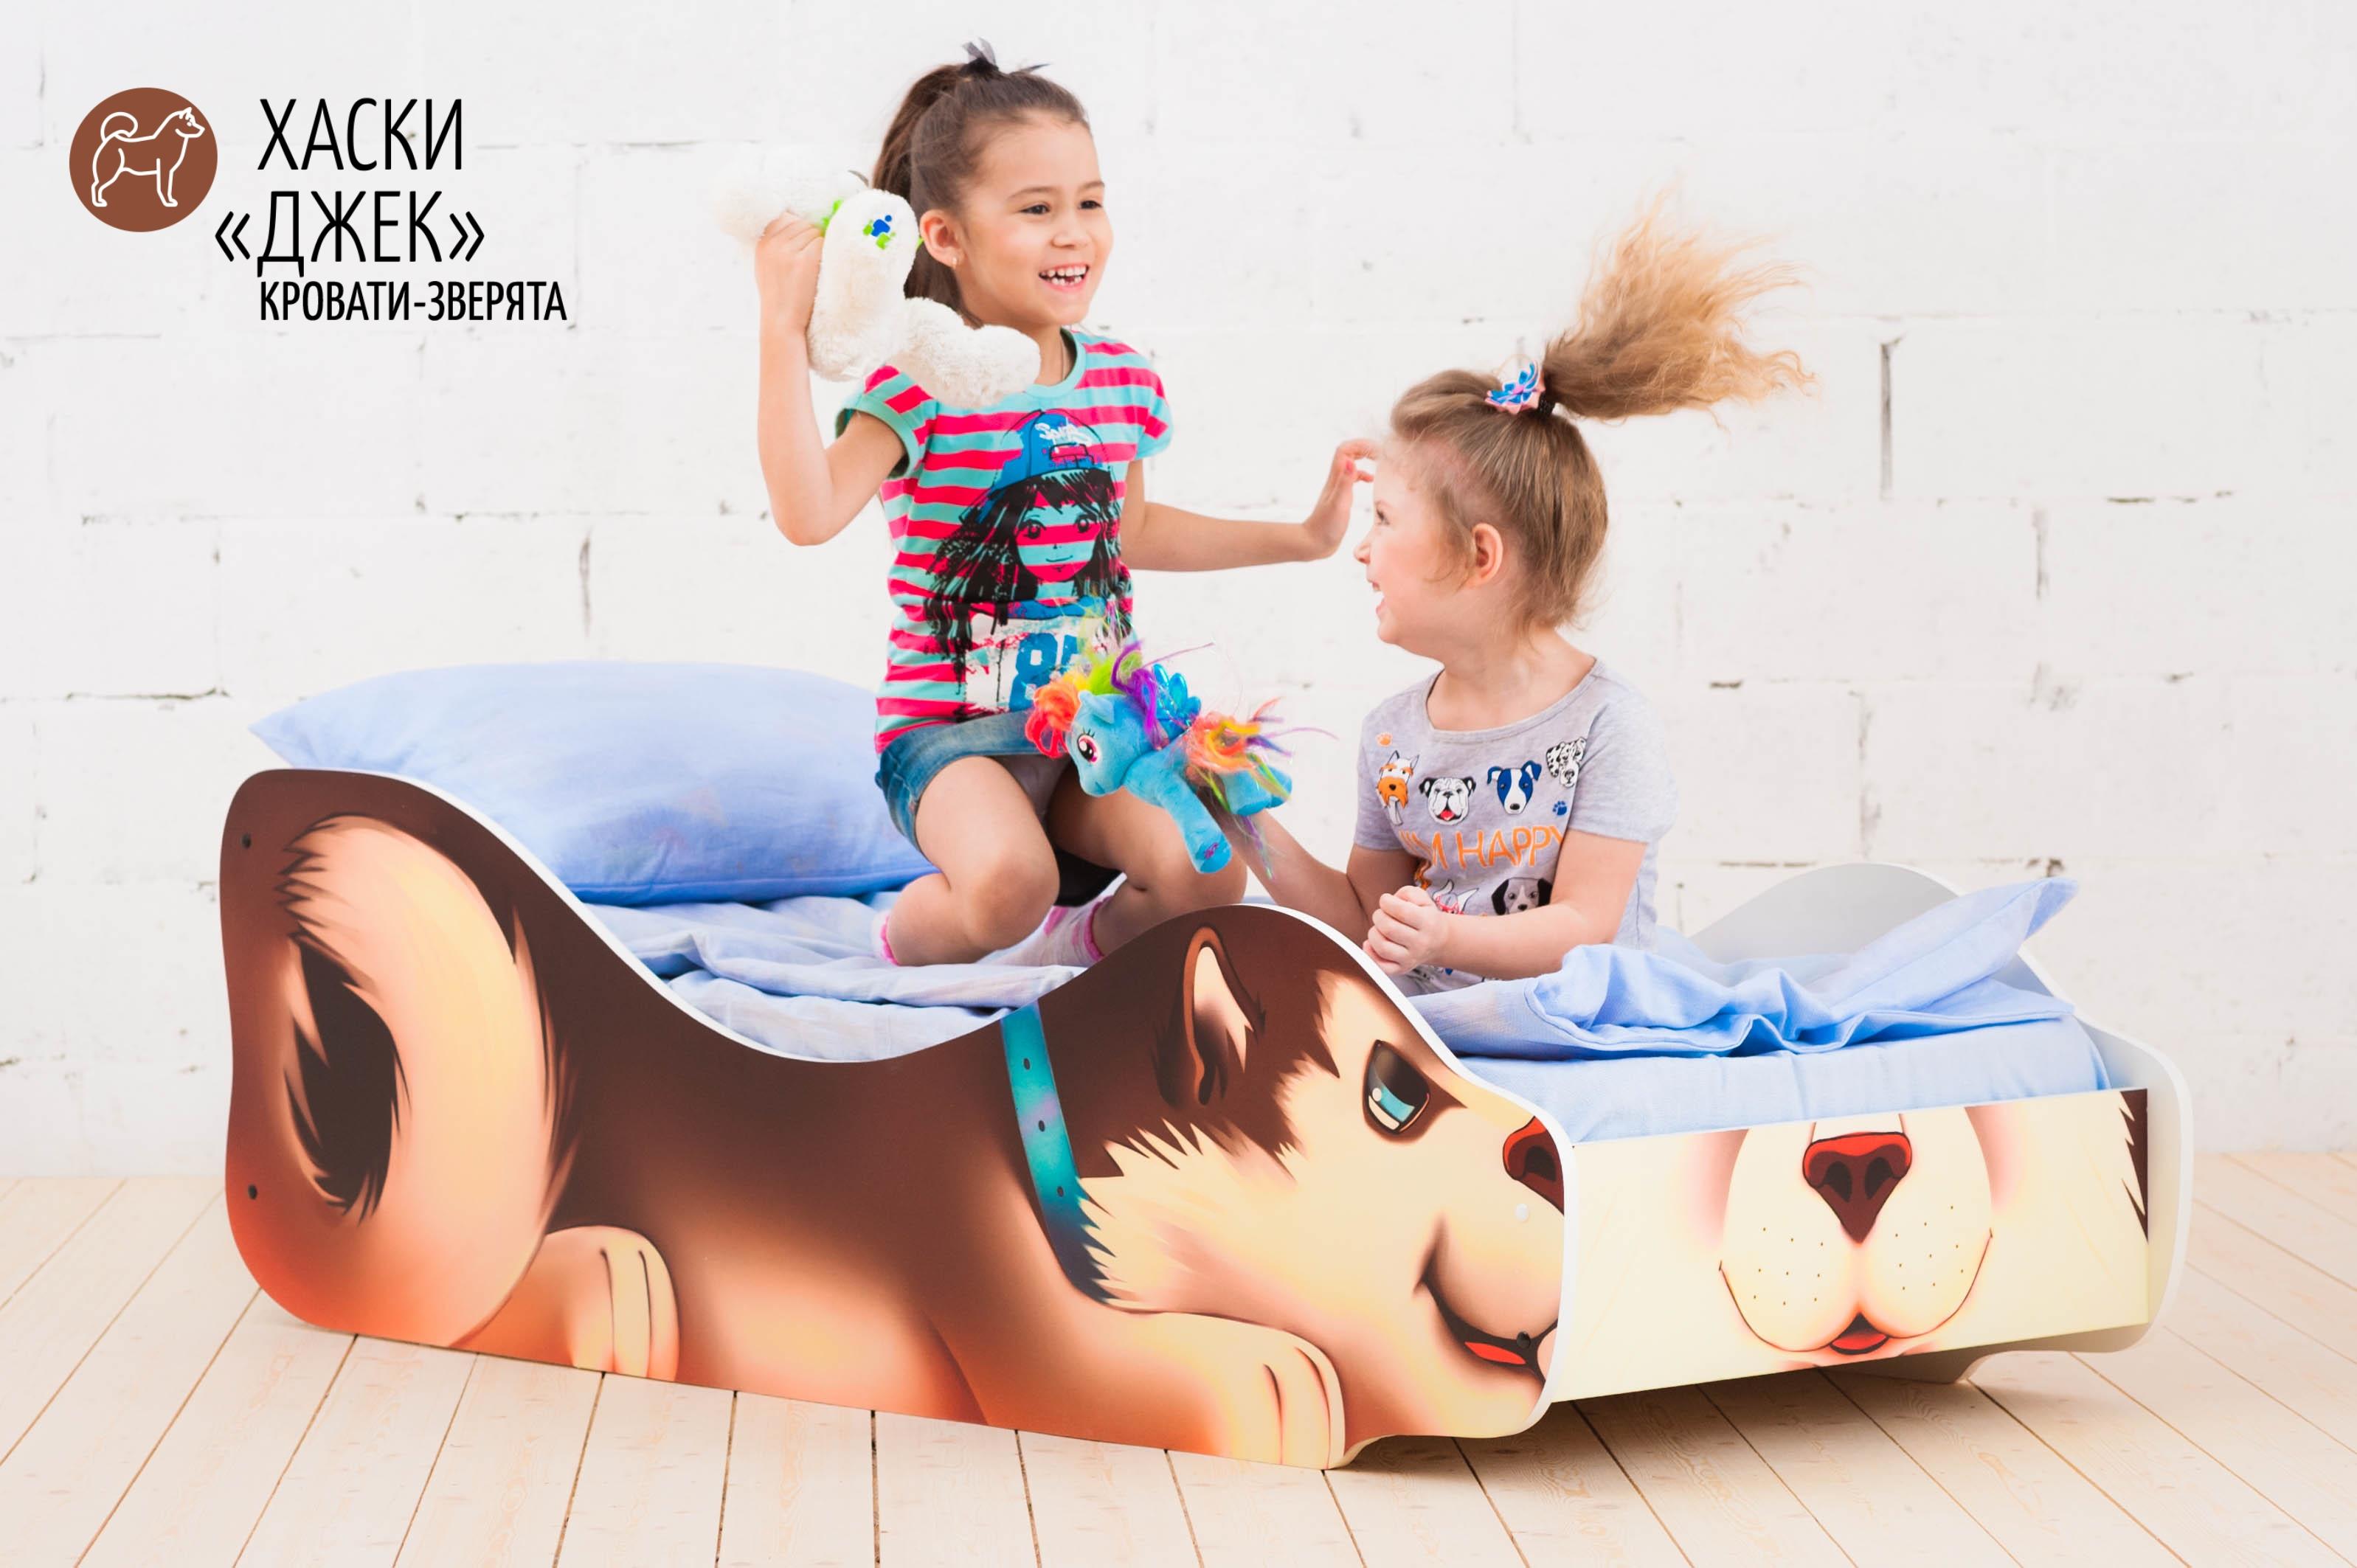 Детская кровать-зверенок -Хаски-Джек-12